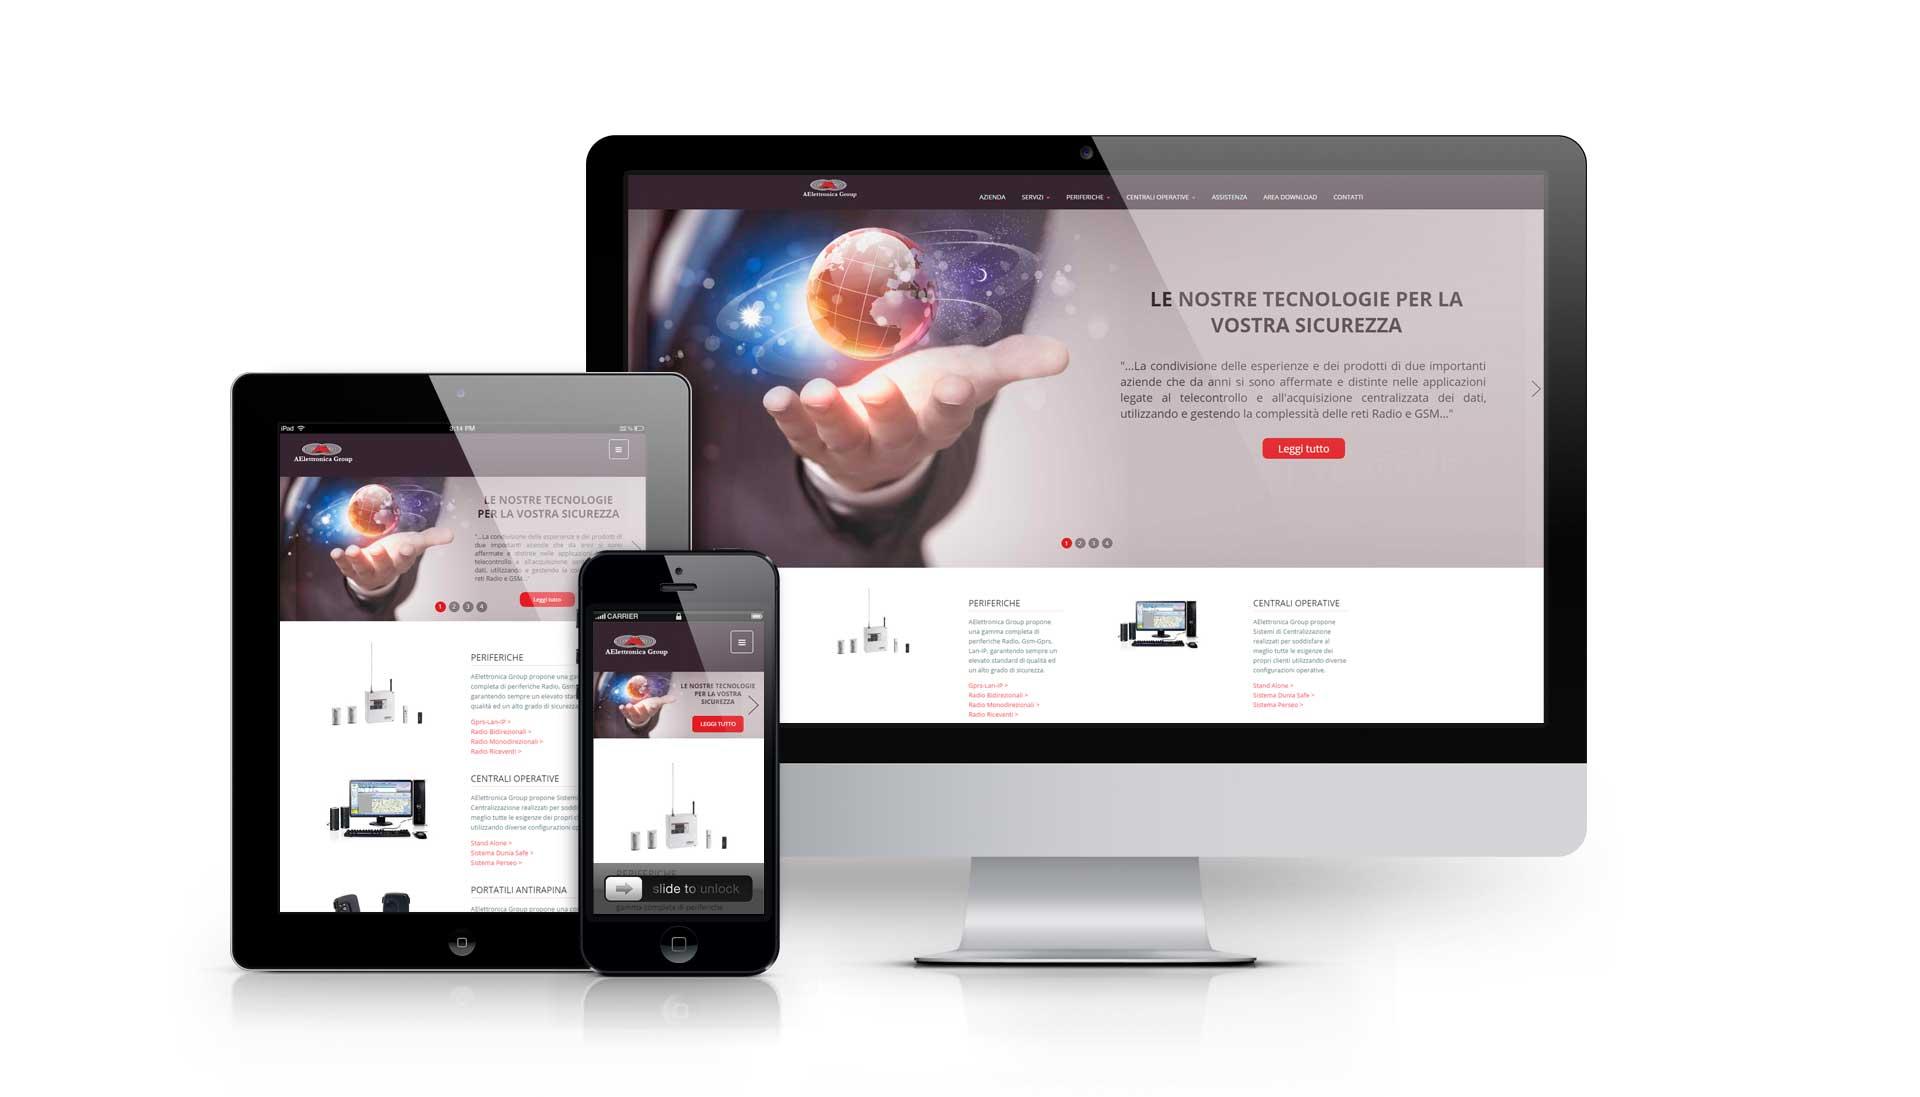 Realizzazione del sito web aelettronicagroup.com